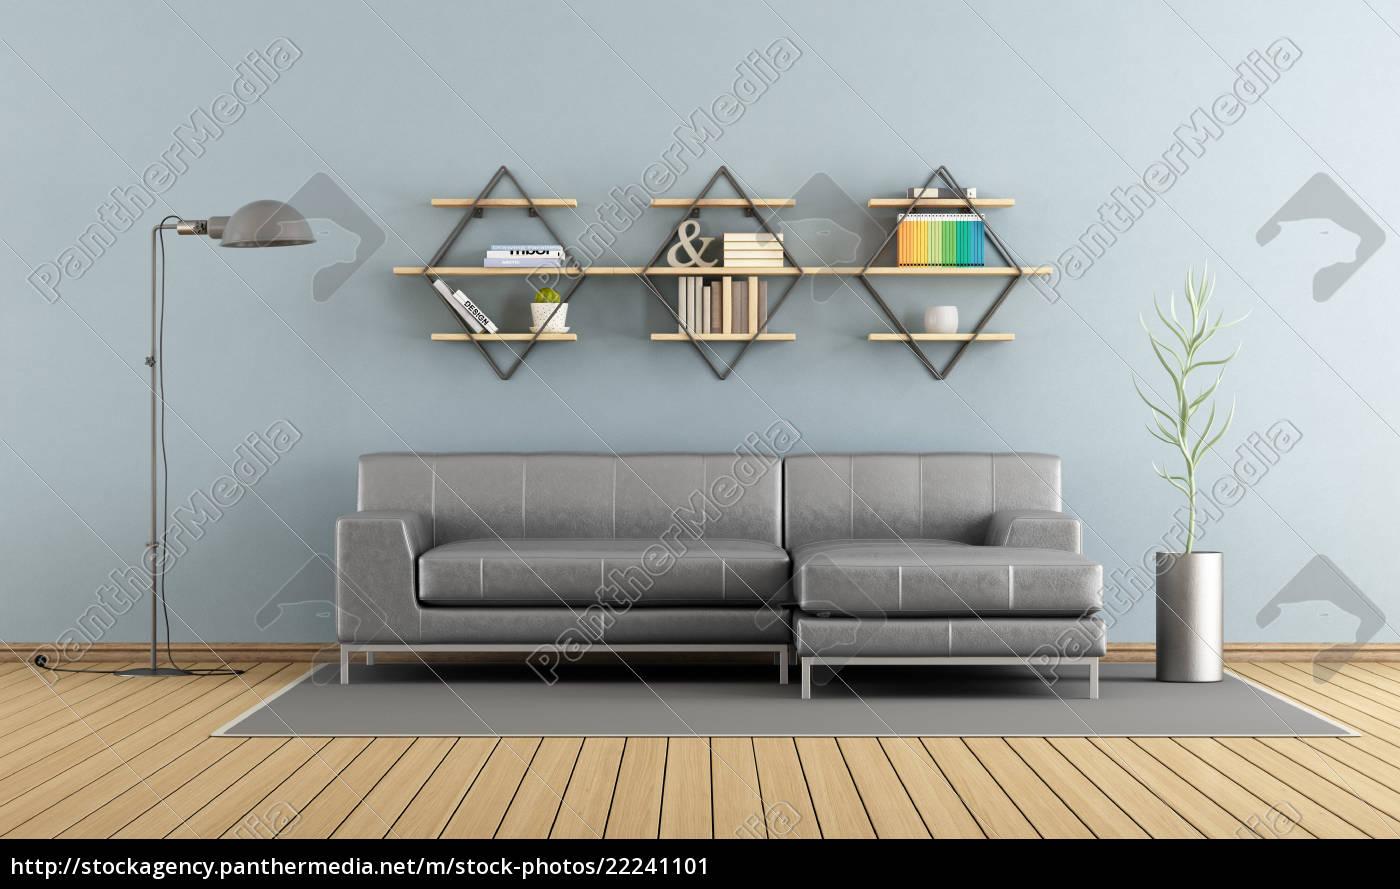 Modernes Wohnzimmer Mit Sofa Und Regalen Lizenzfreies Bild